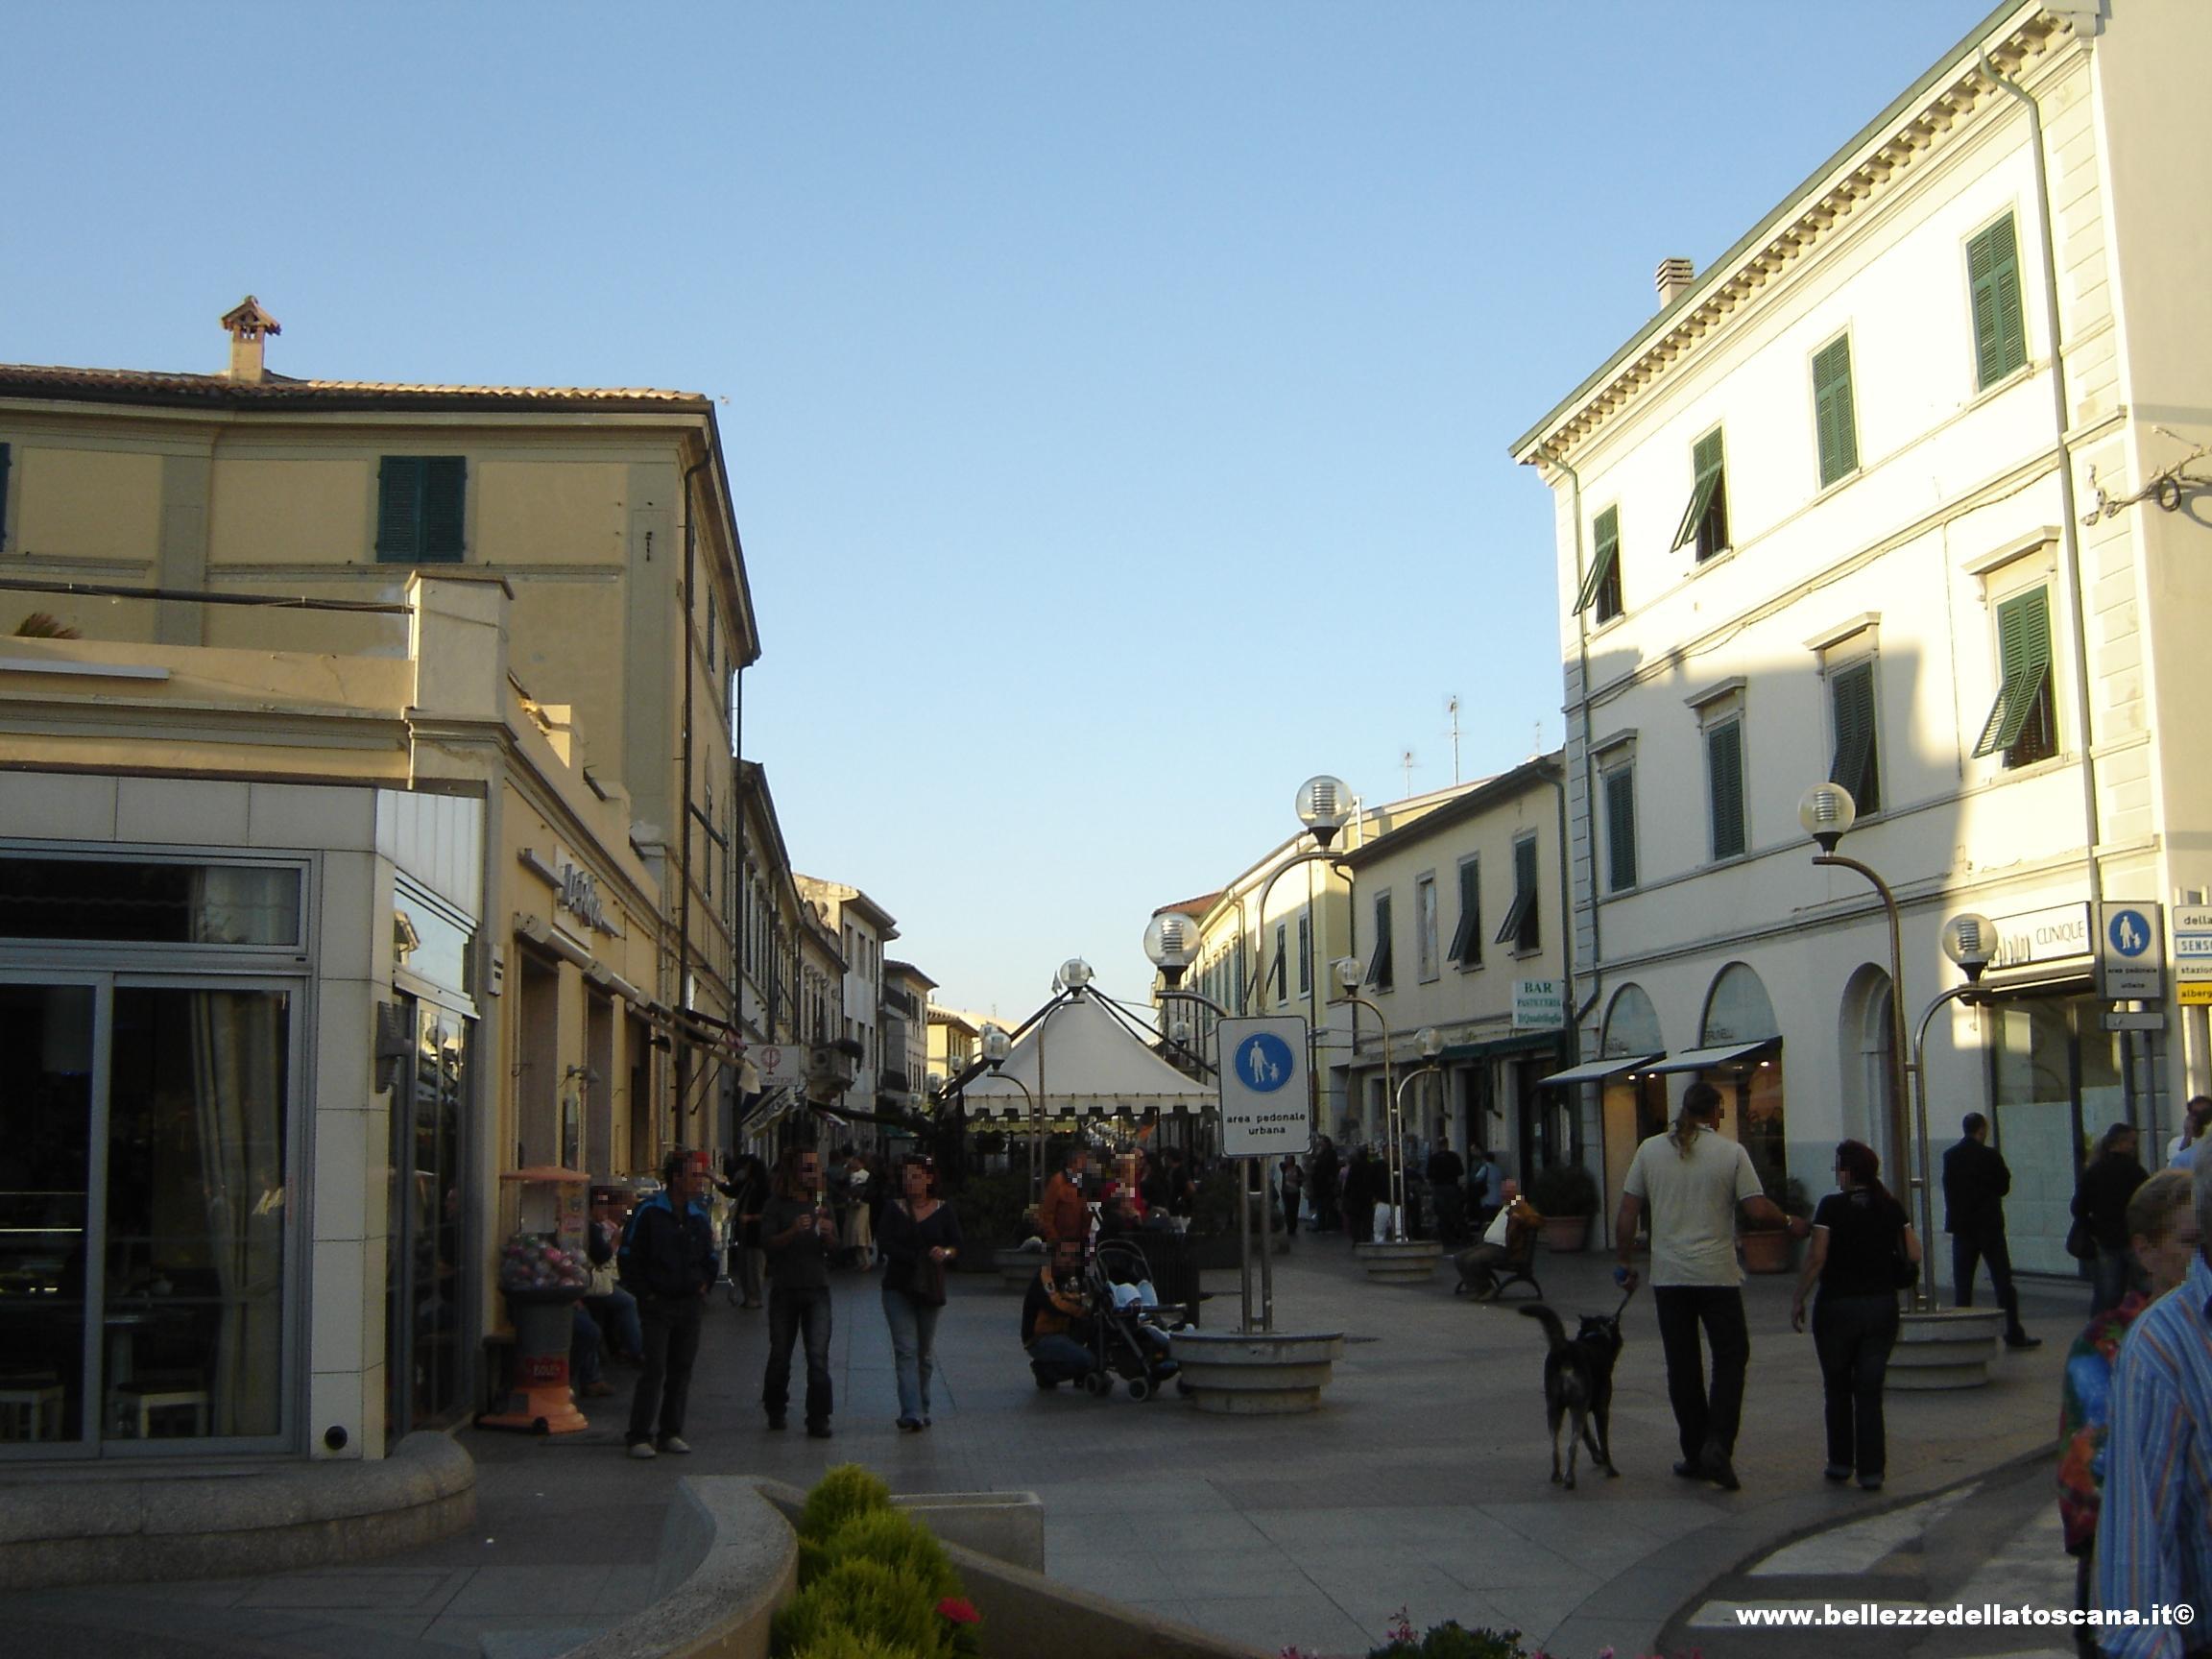 San Vincenzo (LI) - L'inizio del corso principale ricco di negozi ...